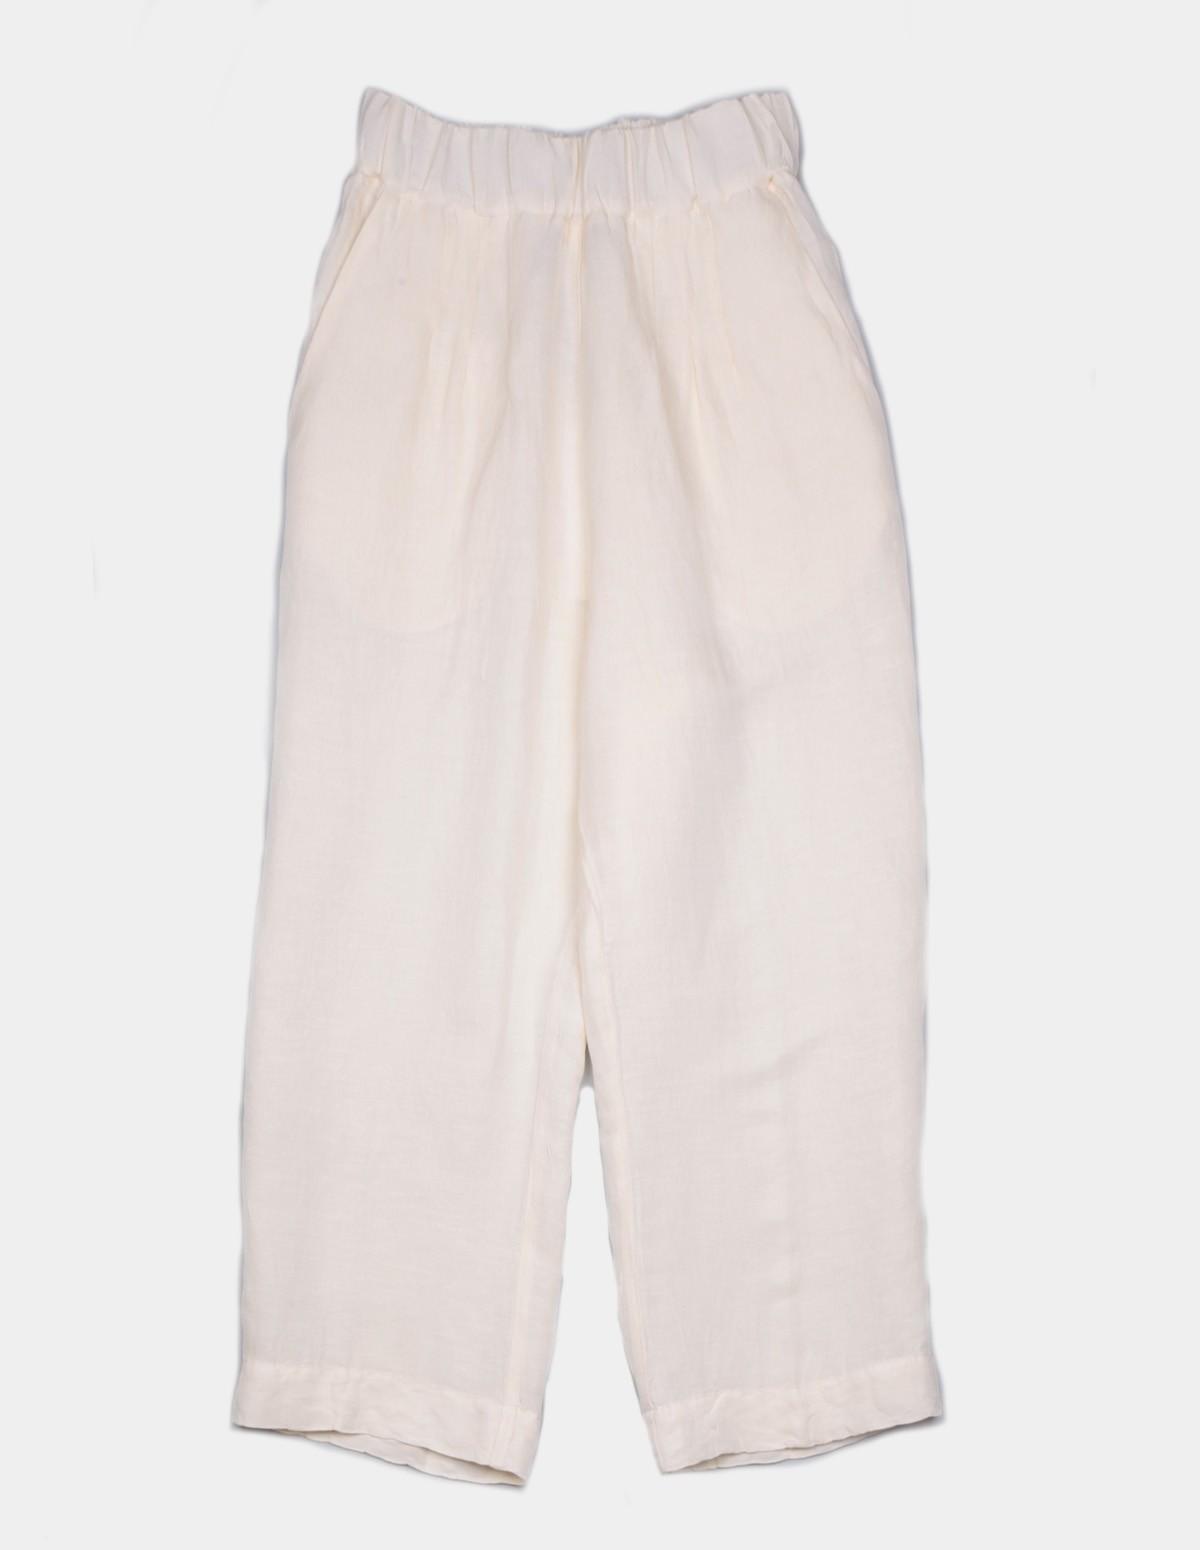 Pom 7142f/50764 Pants - 12 BUTTER